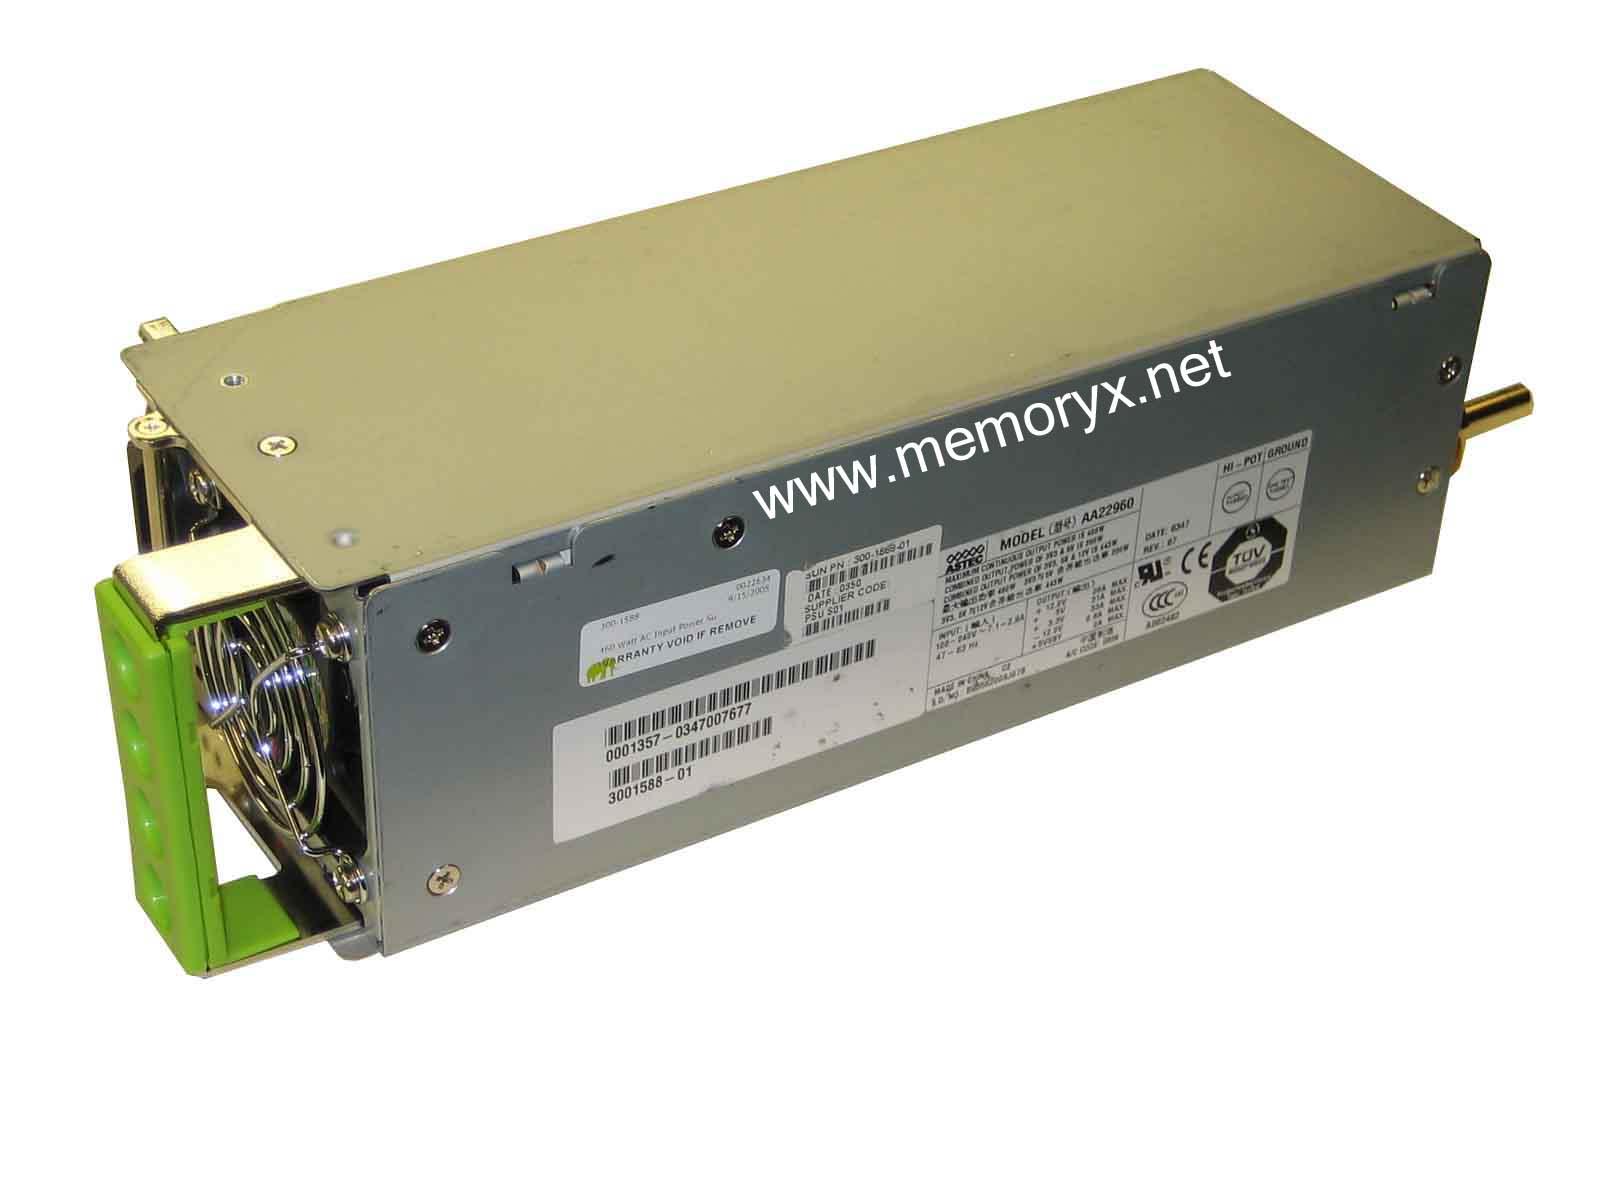 Power Supply, Refurbished, AC, 460W, 300-1588, X7414A